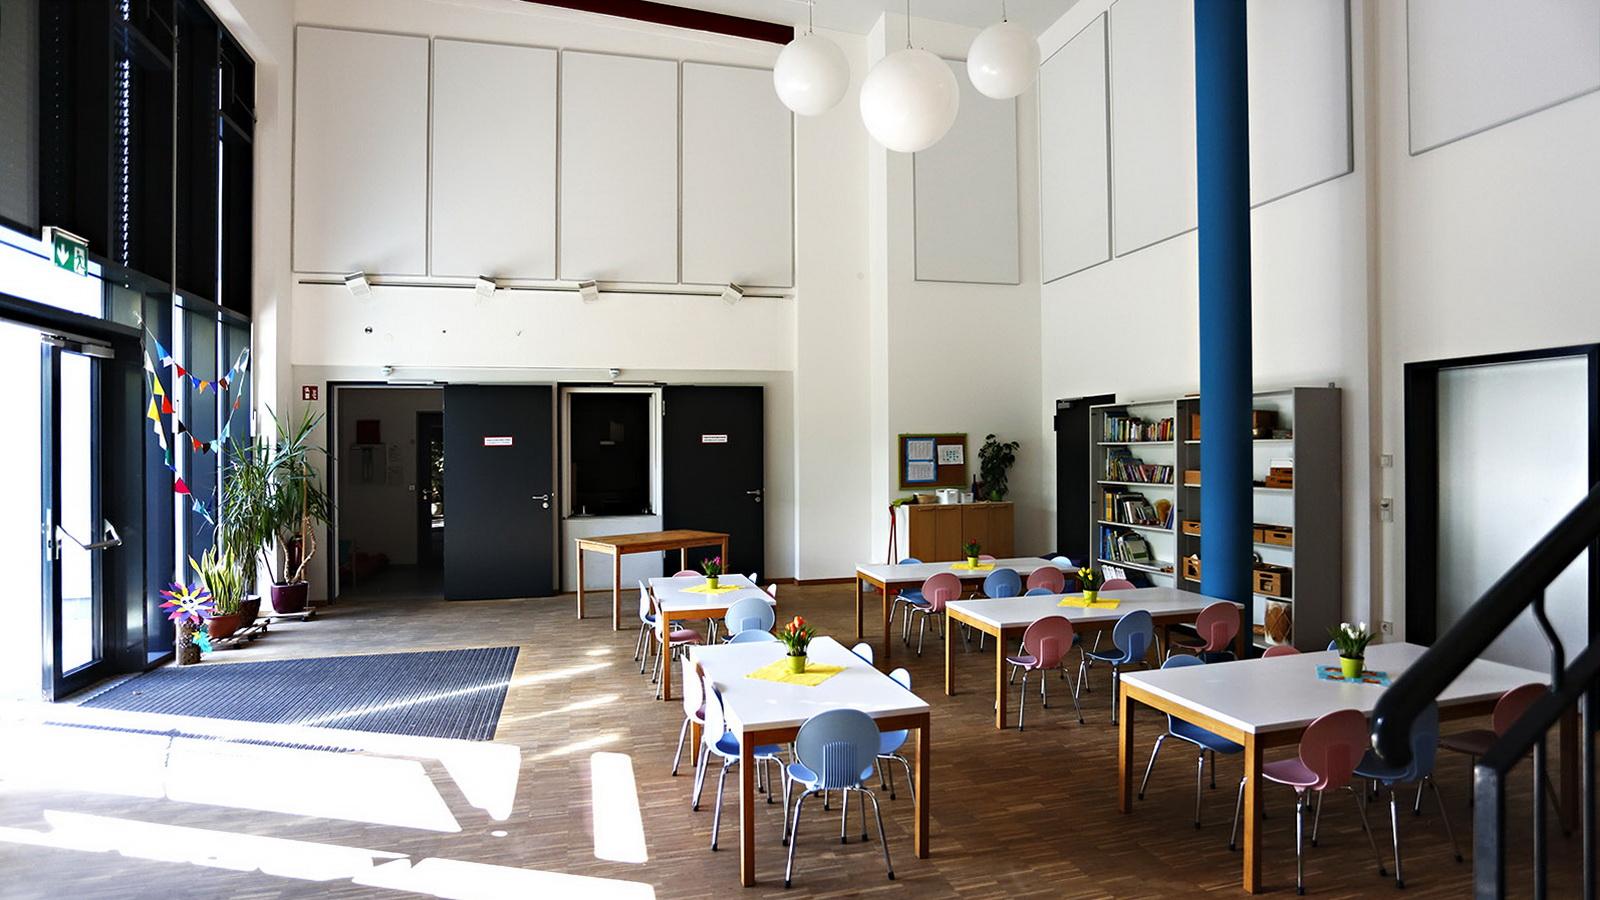 Gemeinschaftsraum vom Kindergarten Guenzlhofen